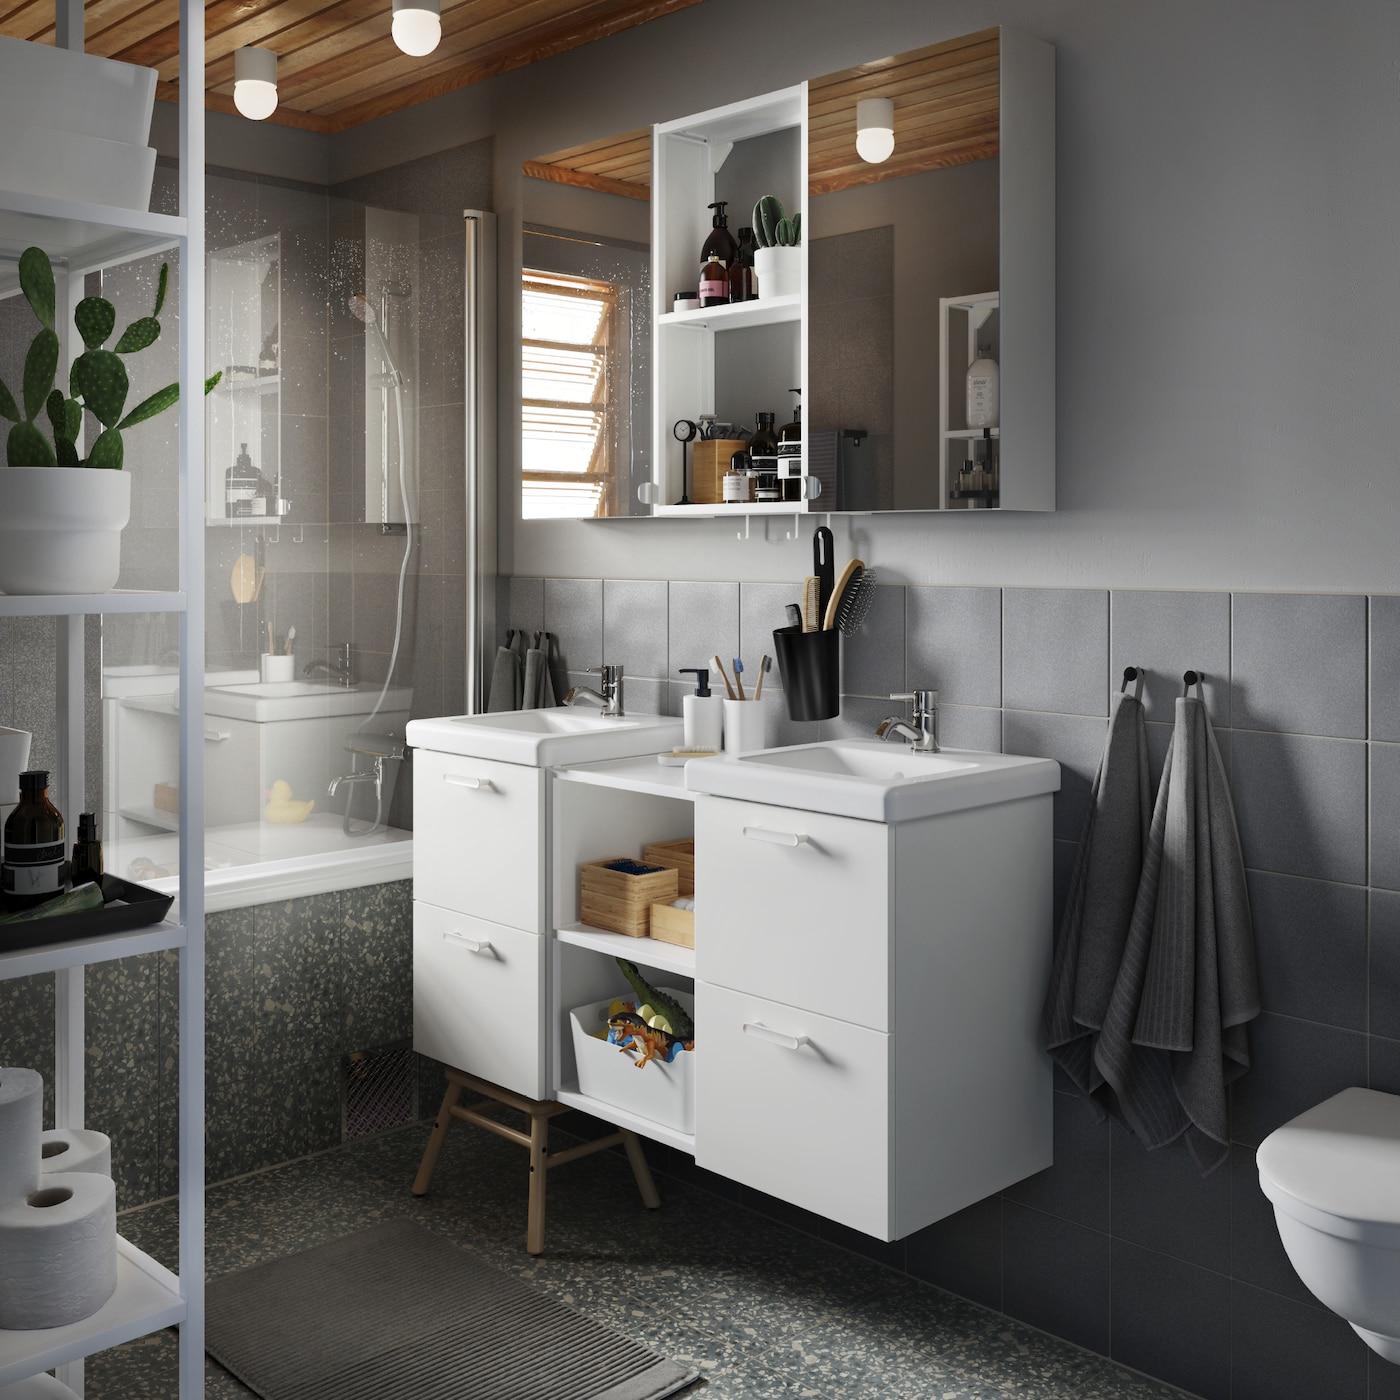 ห้องน้ำสีเทาและตู้ตั้งอ่างล้างหน้า/อ่างล้างหน้าสีขาว ตู้พร้อมบานตู้ติดกระจกเงา รวมทั้งผ้าเช็ดตัวและพรมห้องน้ำสีเทา